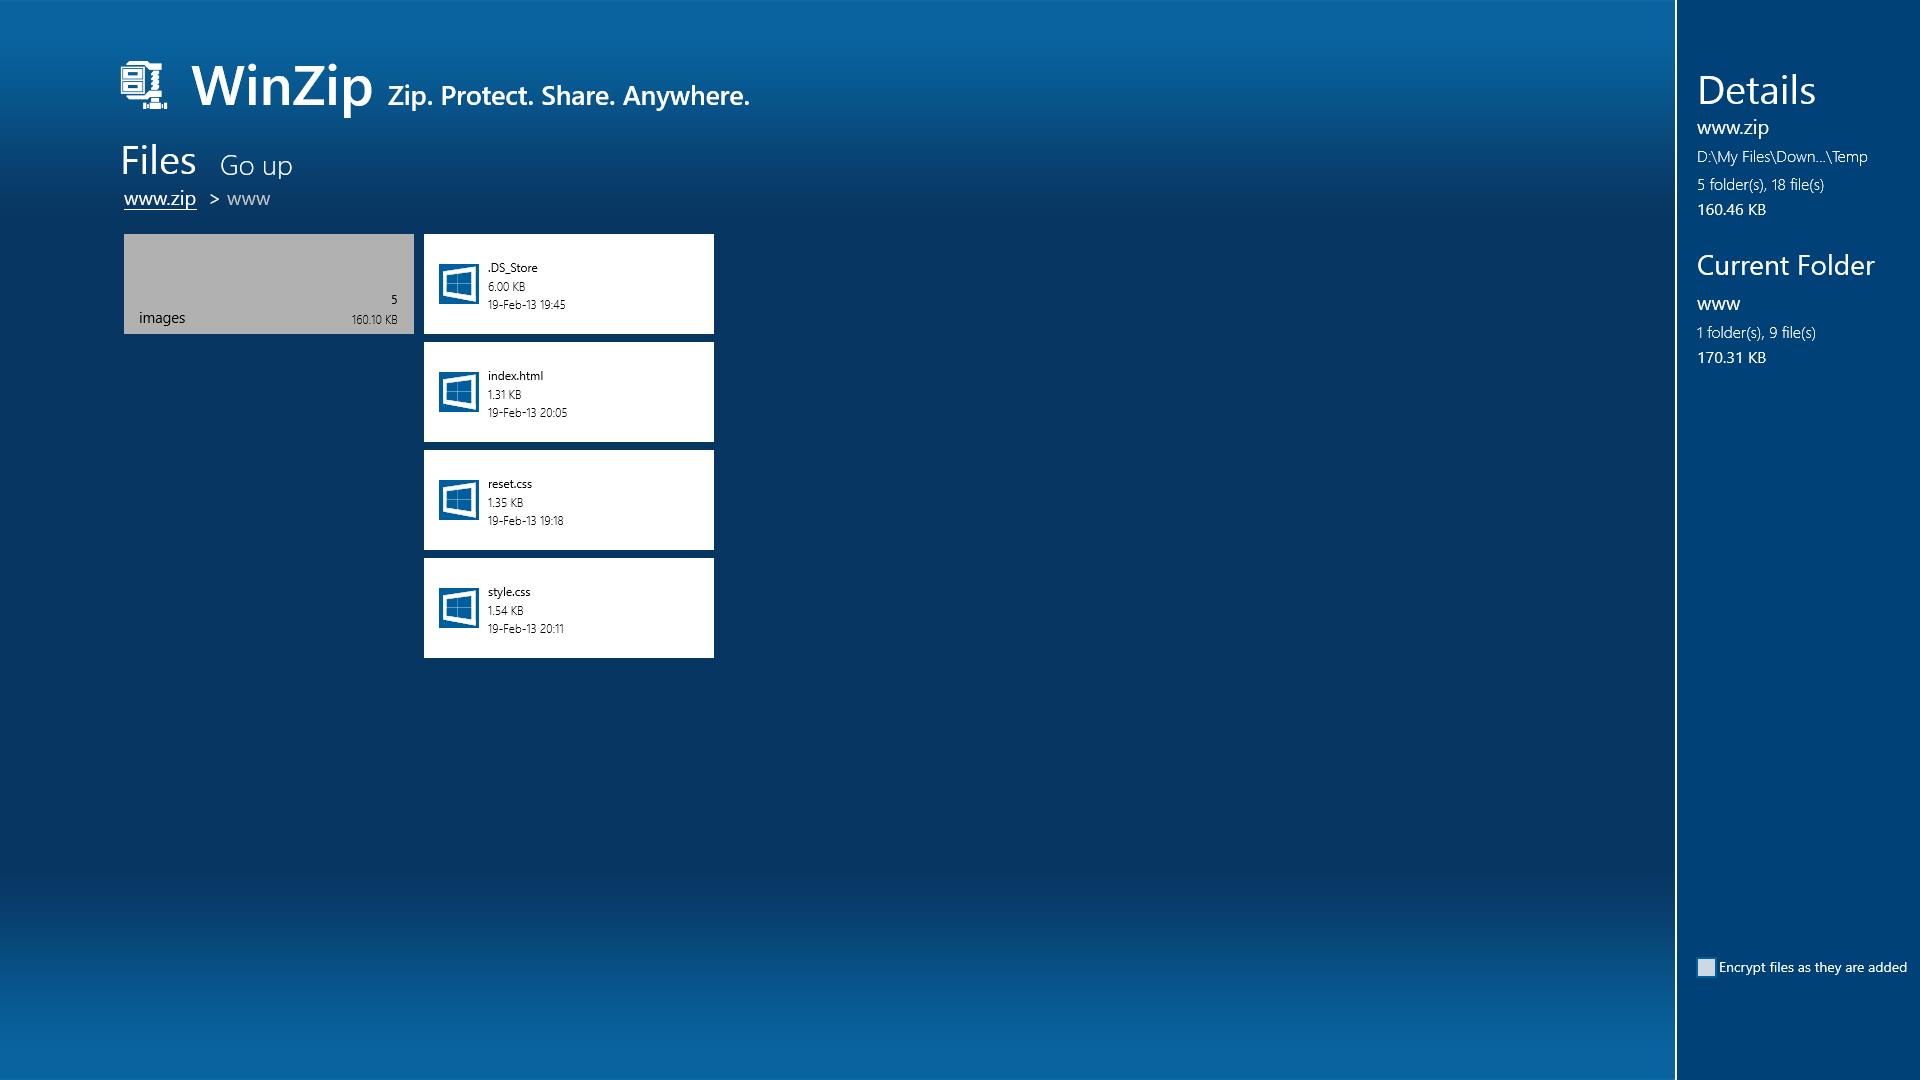 rar архиватор скачать бесплатно для windows 8